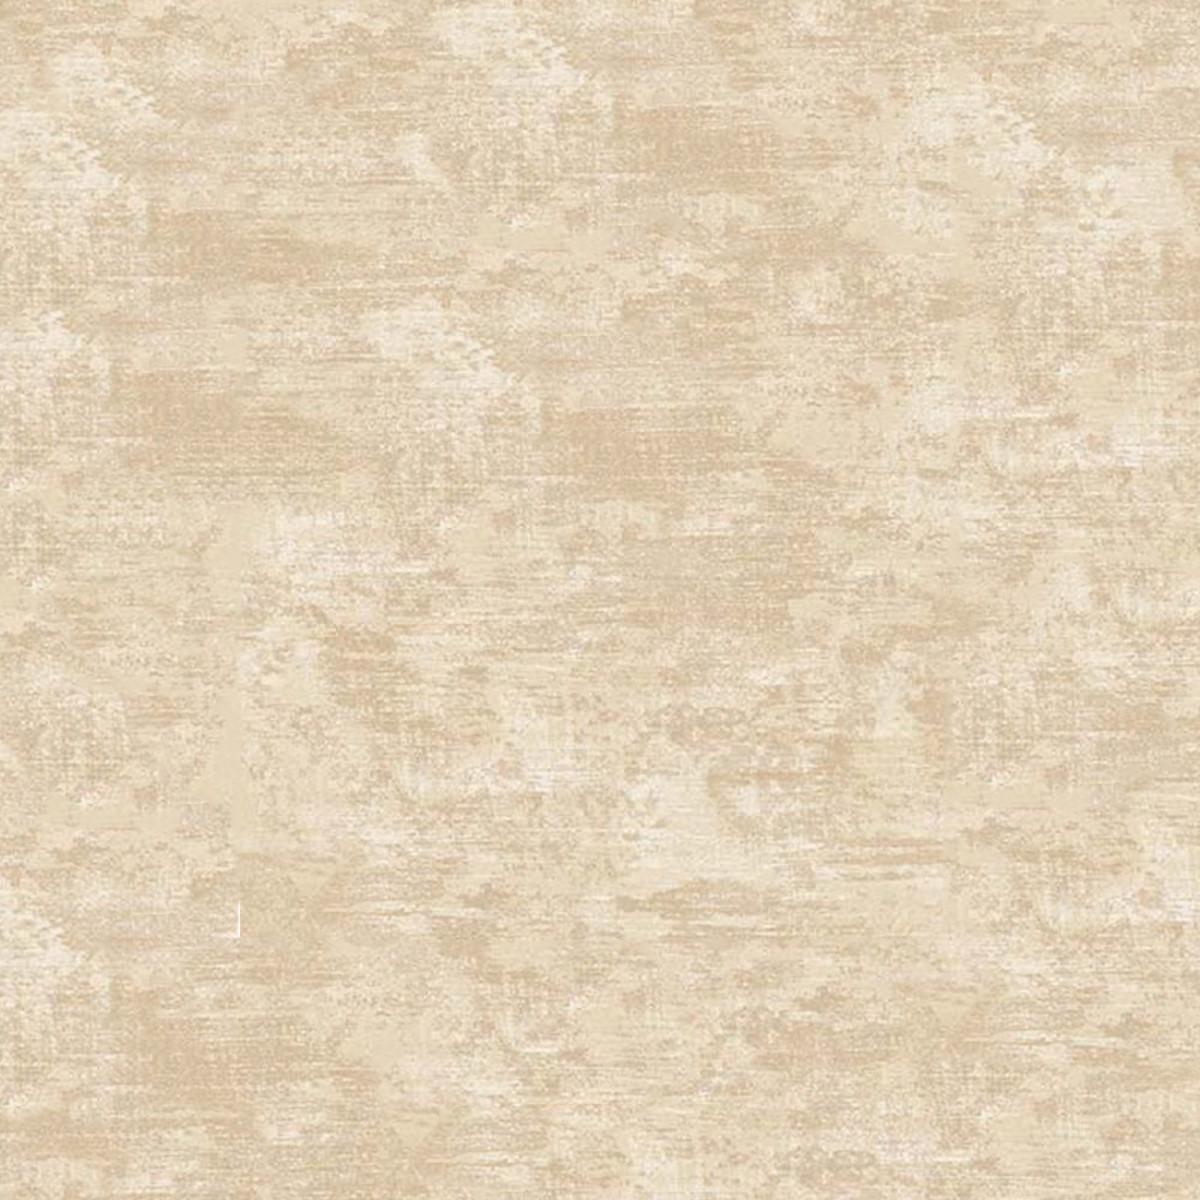 Обои виниловые Gaenari коричневые 1.06 м 82049-4